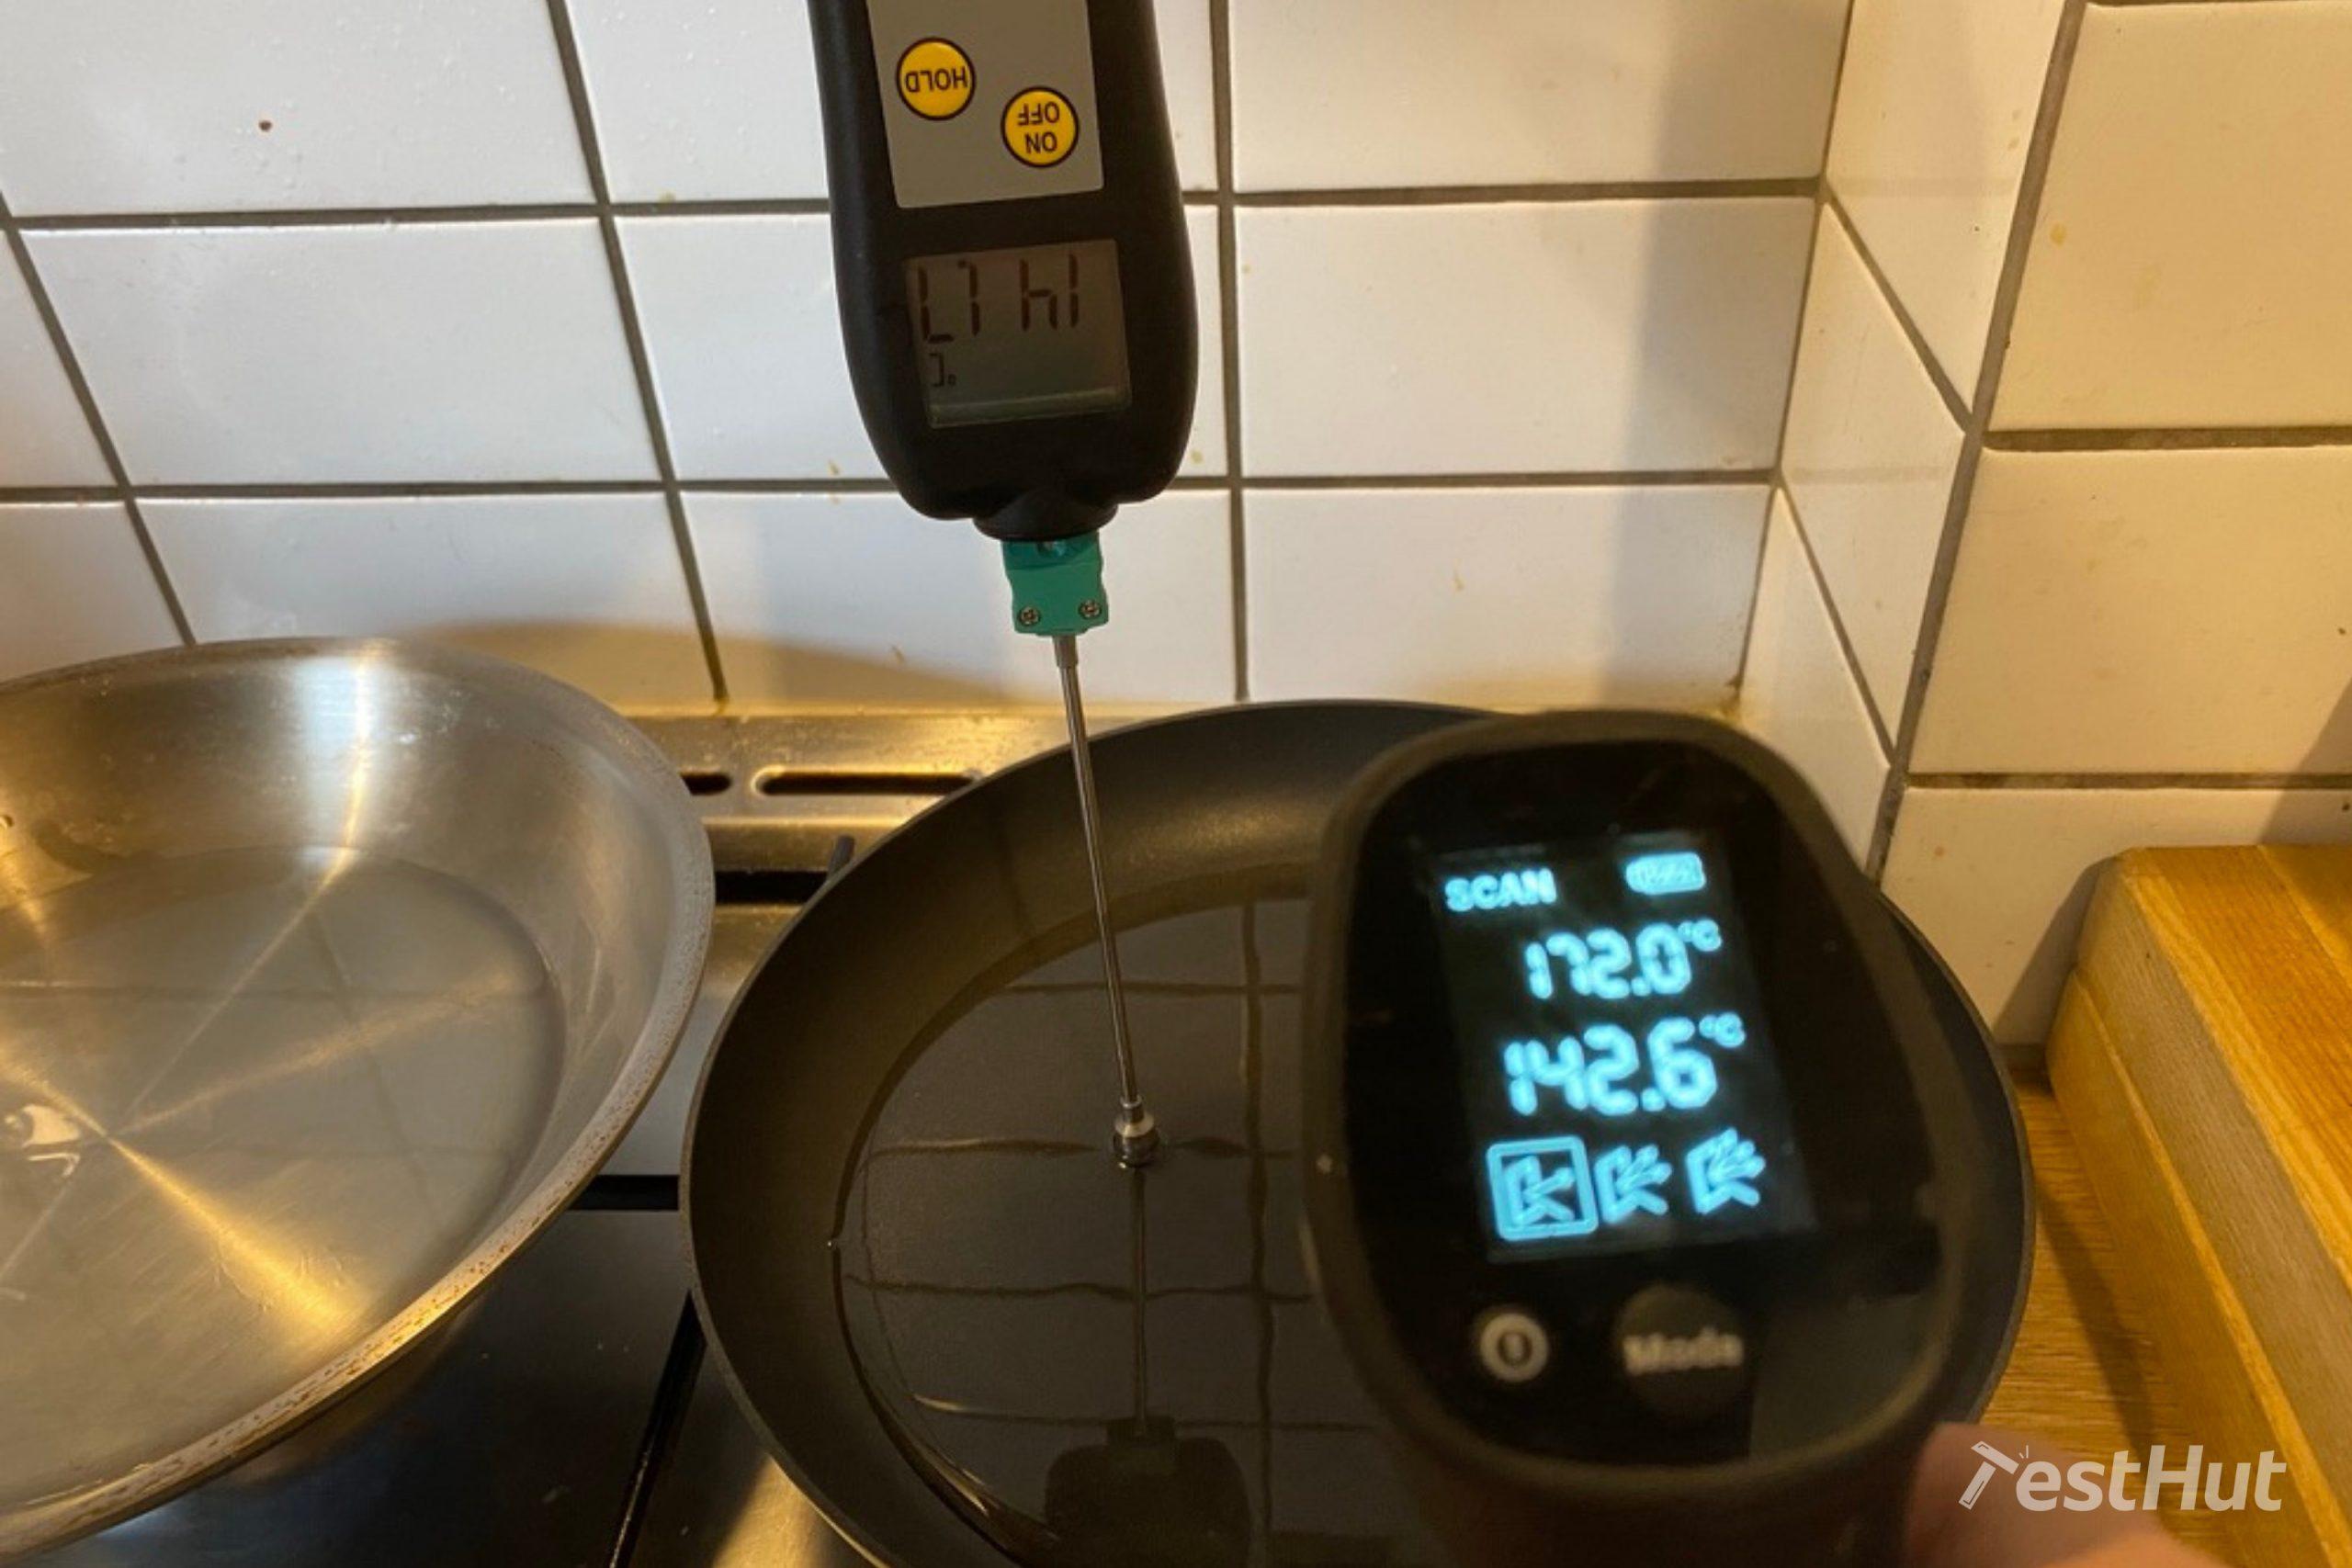 Frying pans temperature measurement test